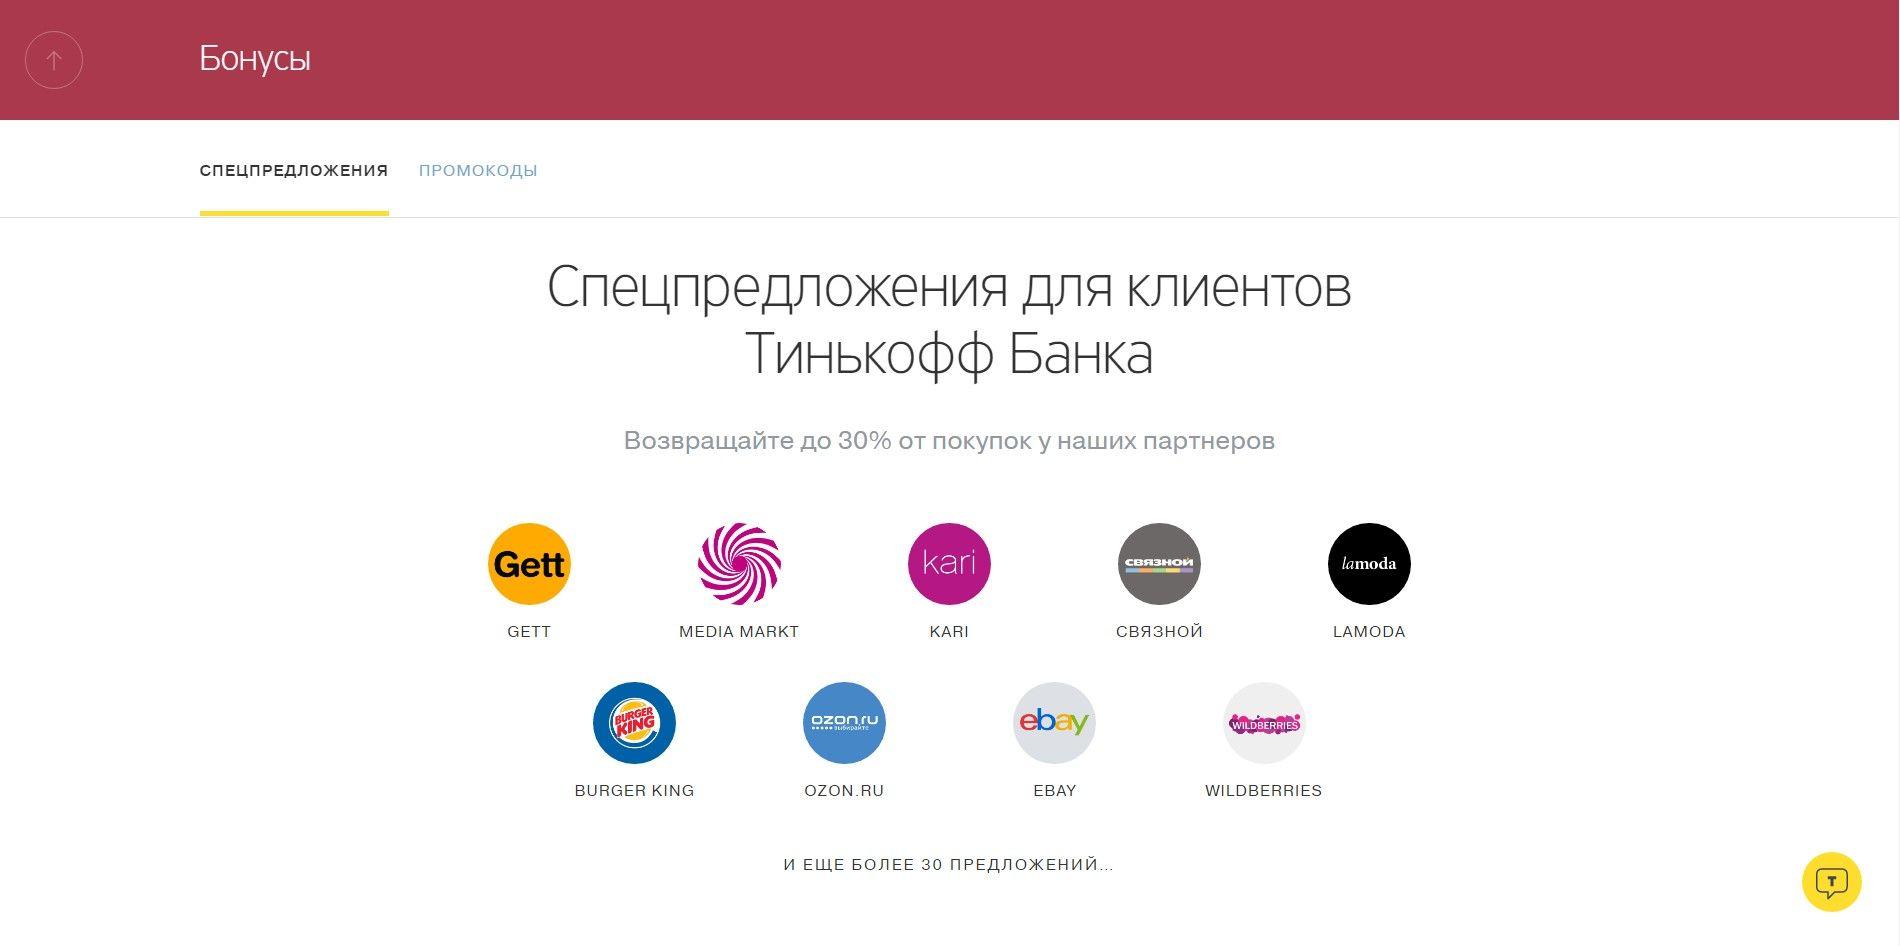 társkereső oldalak, amelyek 100 ingyenes hitelkártyát igényelneklegjobb társkereső szimulációs játékok pc